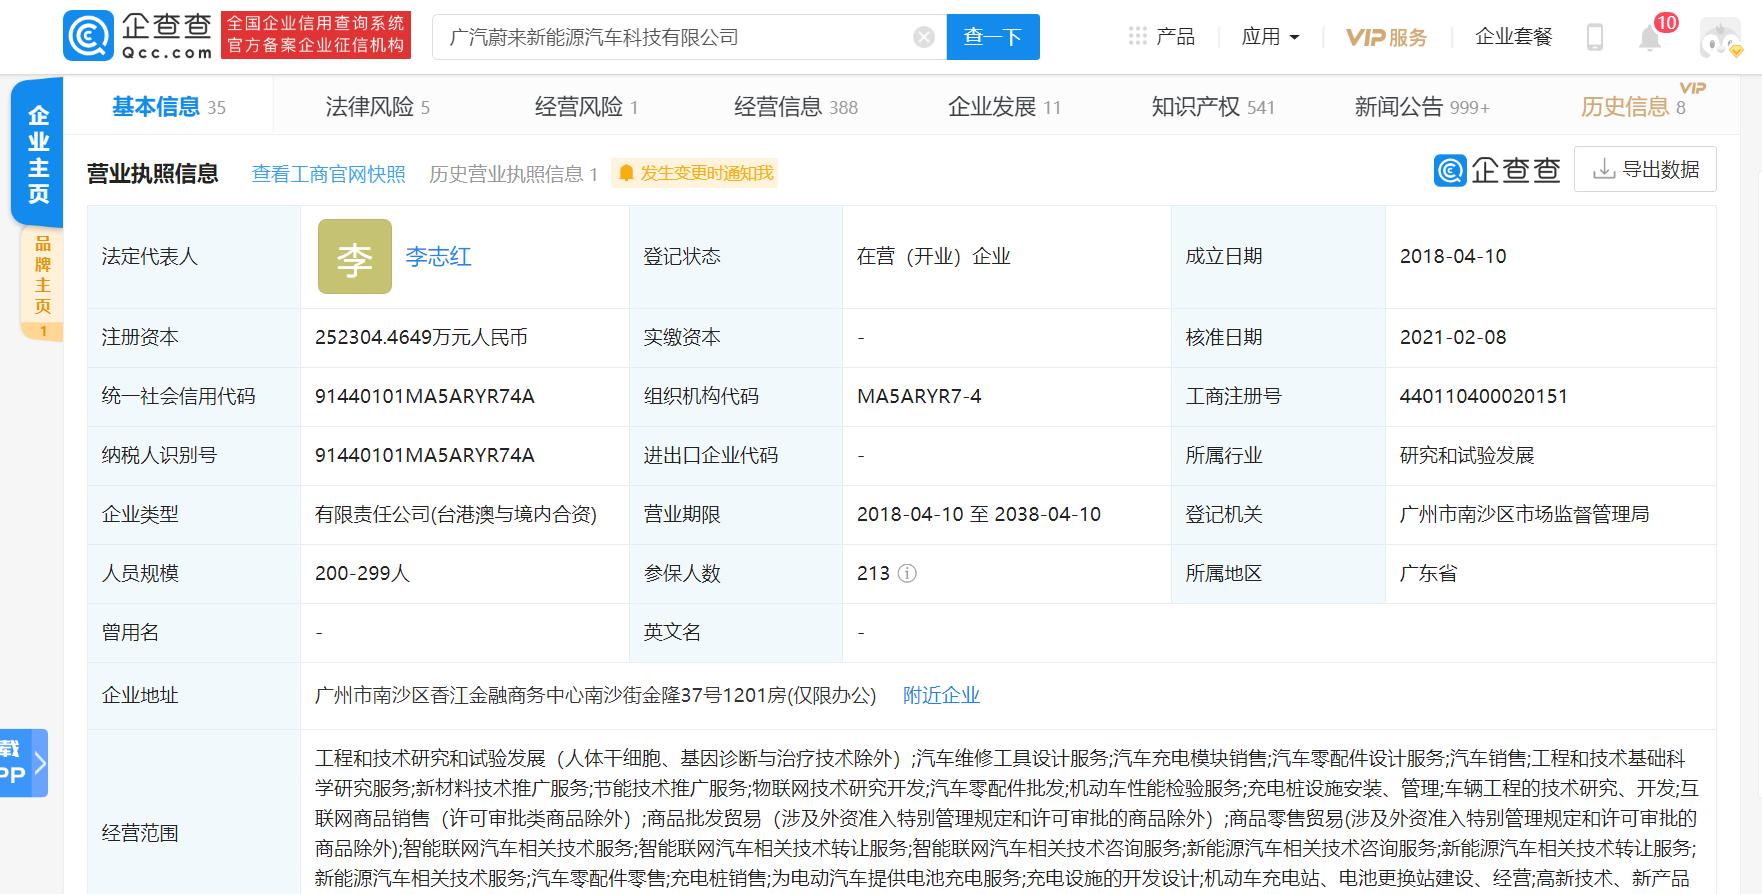 李斌退出广汽蔚来法定代表人 李志红继任